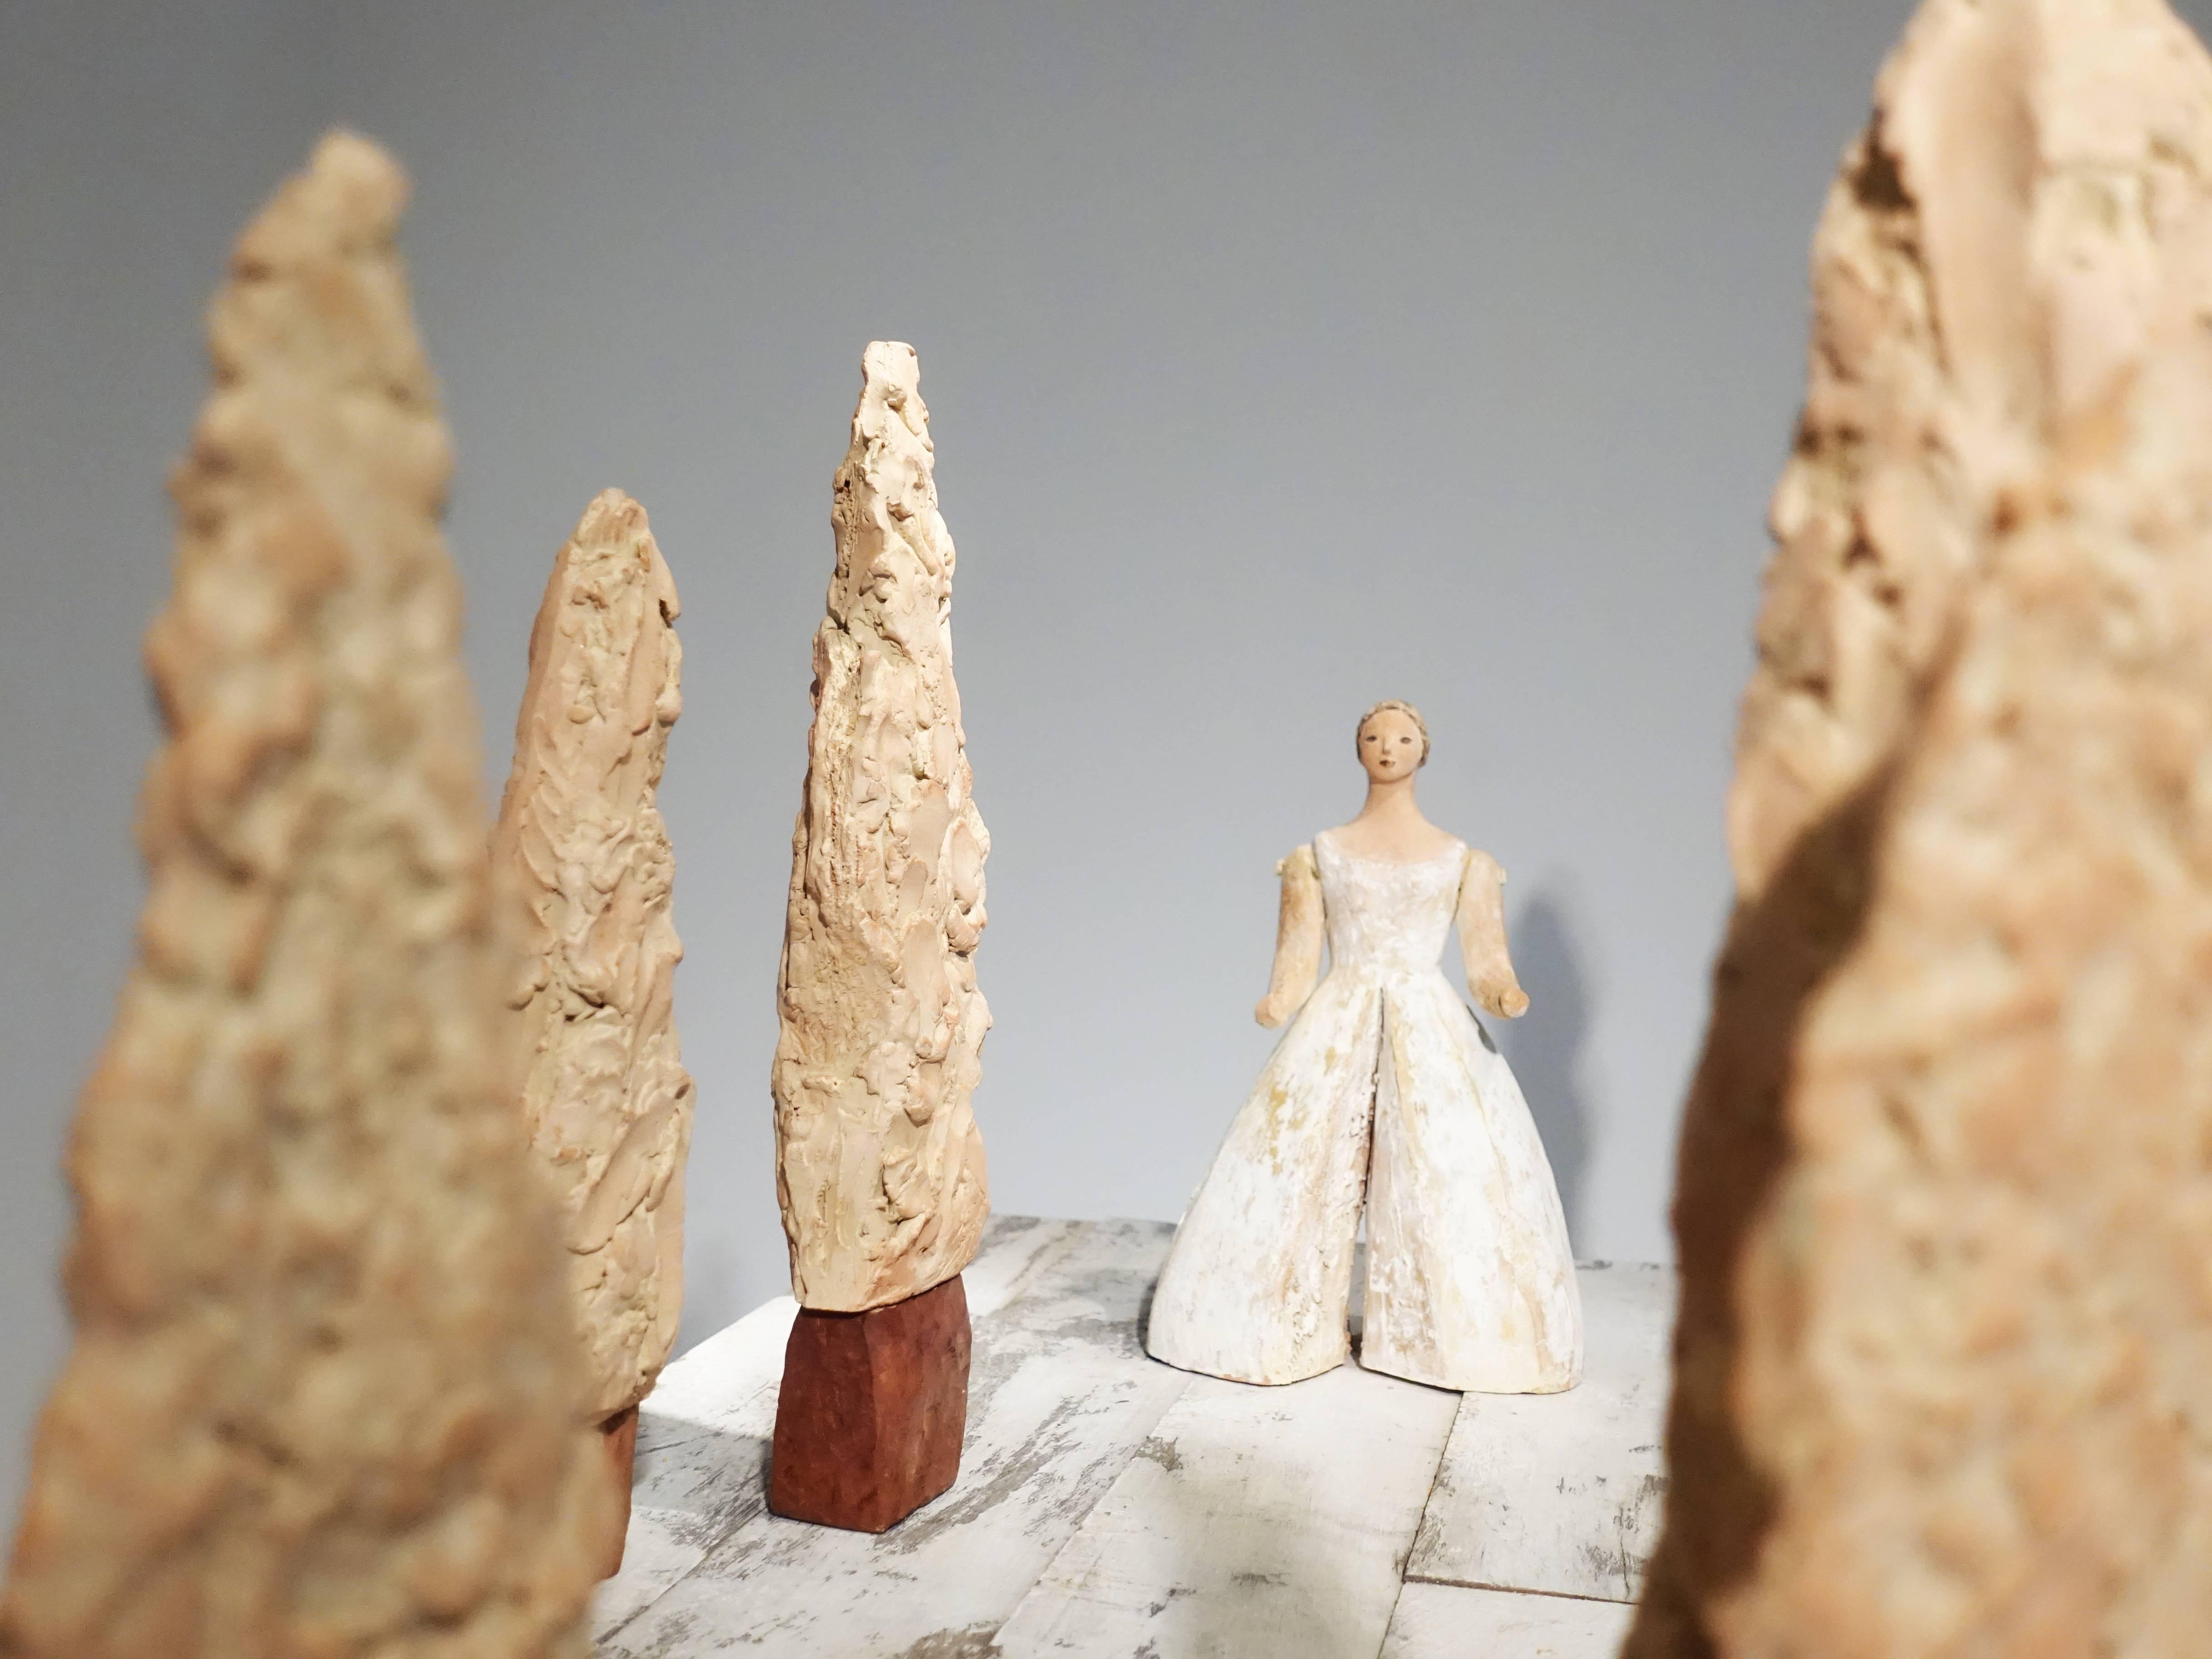 林怡芬,《原生的秘境(一)》,170 x 47 x 47 cm,Terra cotta、礦物質顏料、木材,2019。